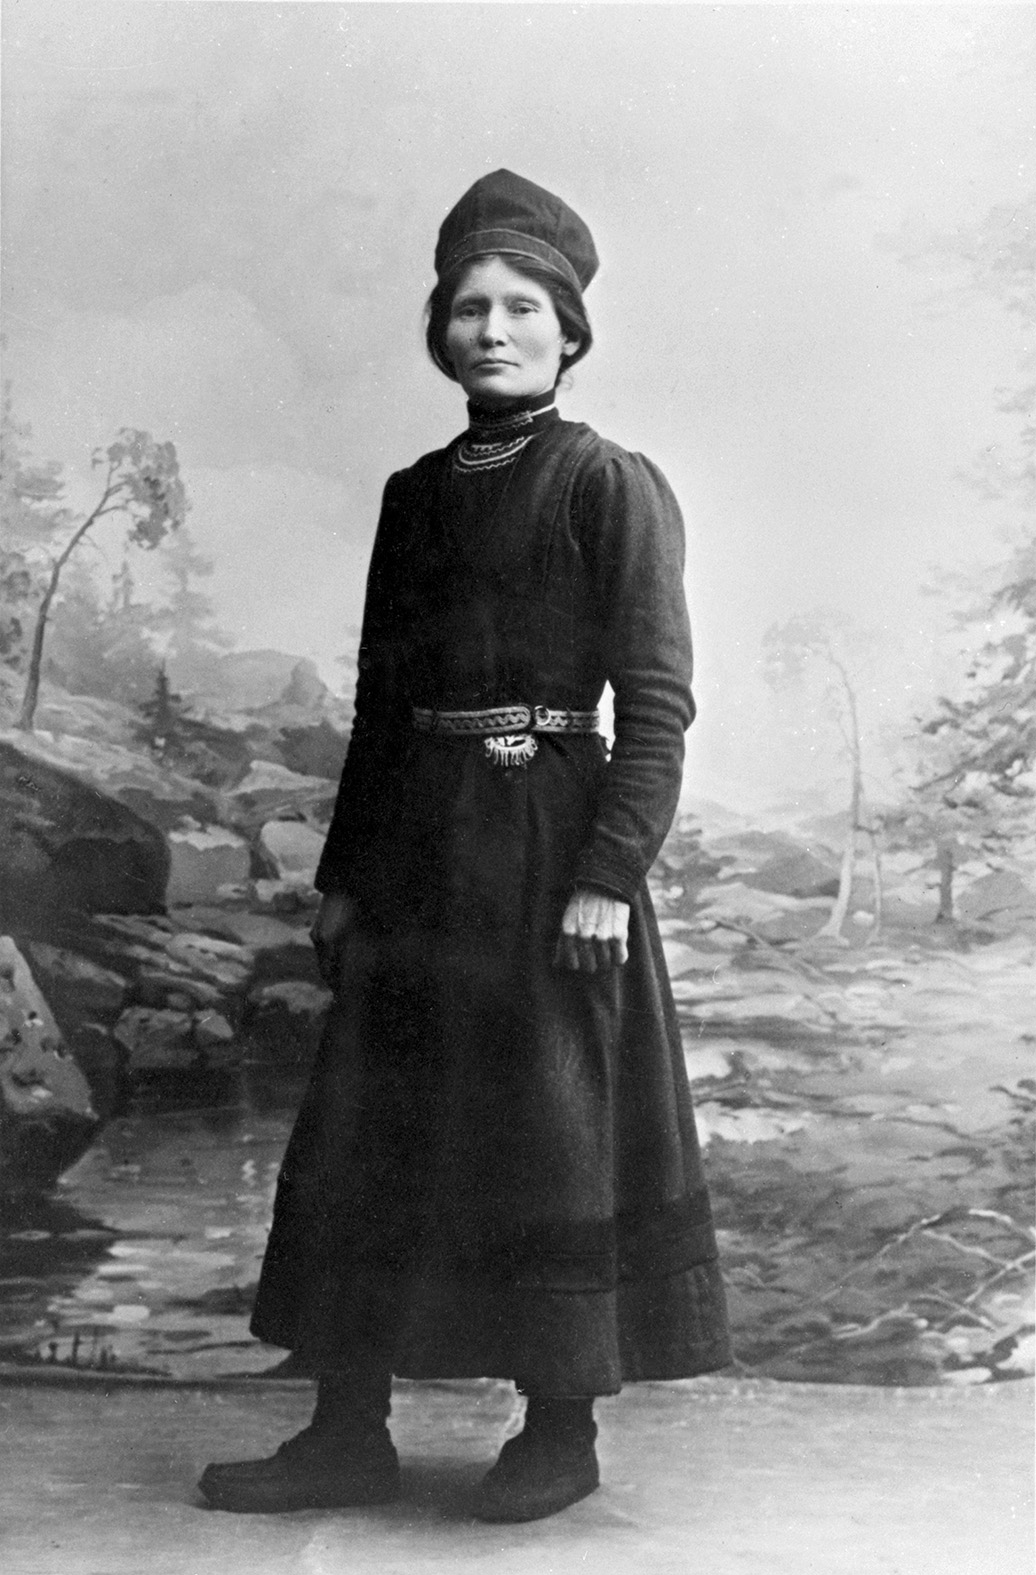 Elsa Laula Renberg, Fotograf okänd, (Tromsø Museum – Universitetsmuseet)